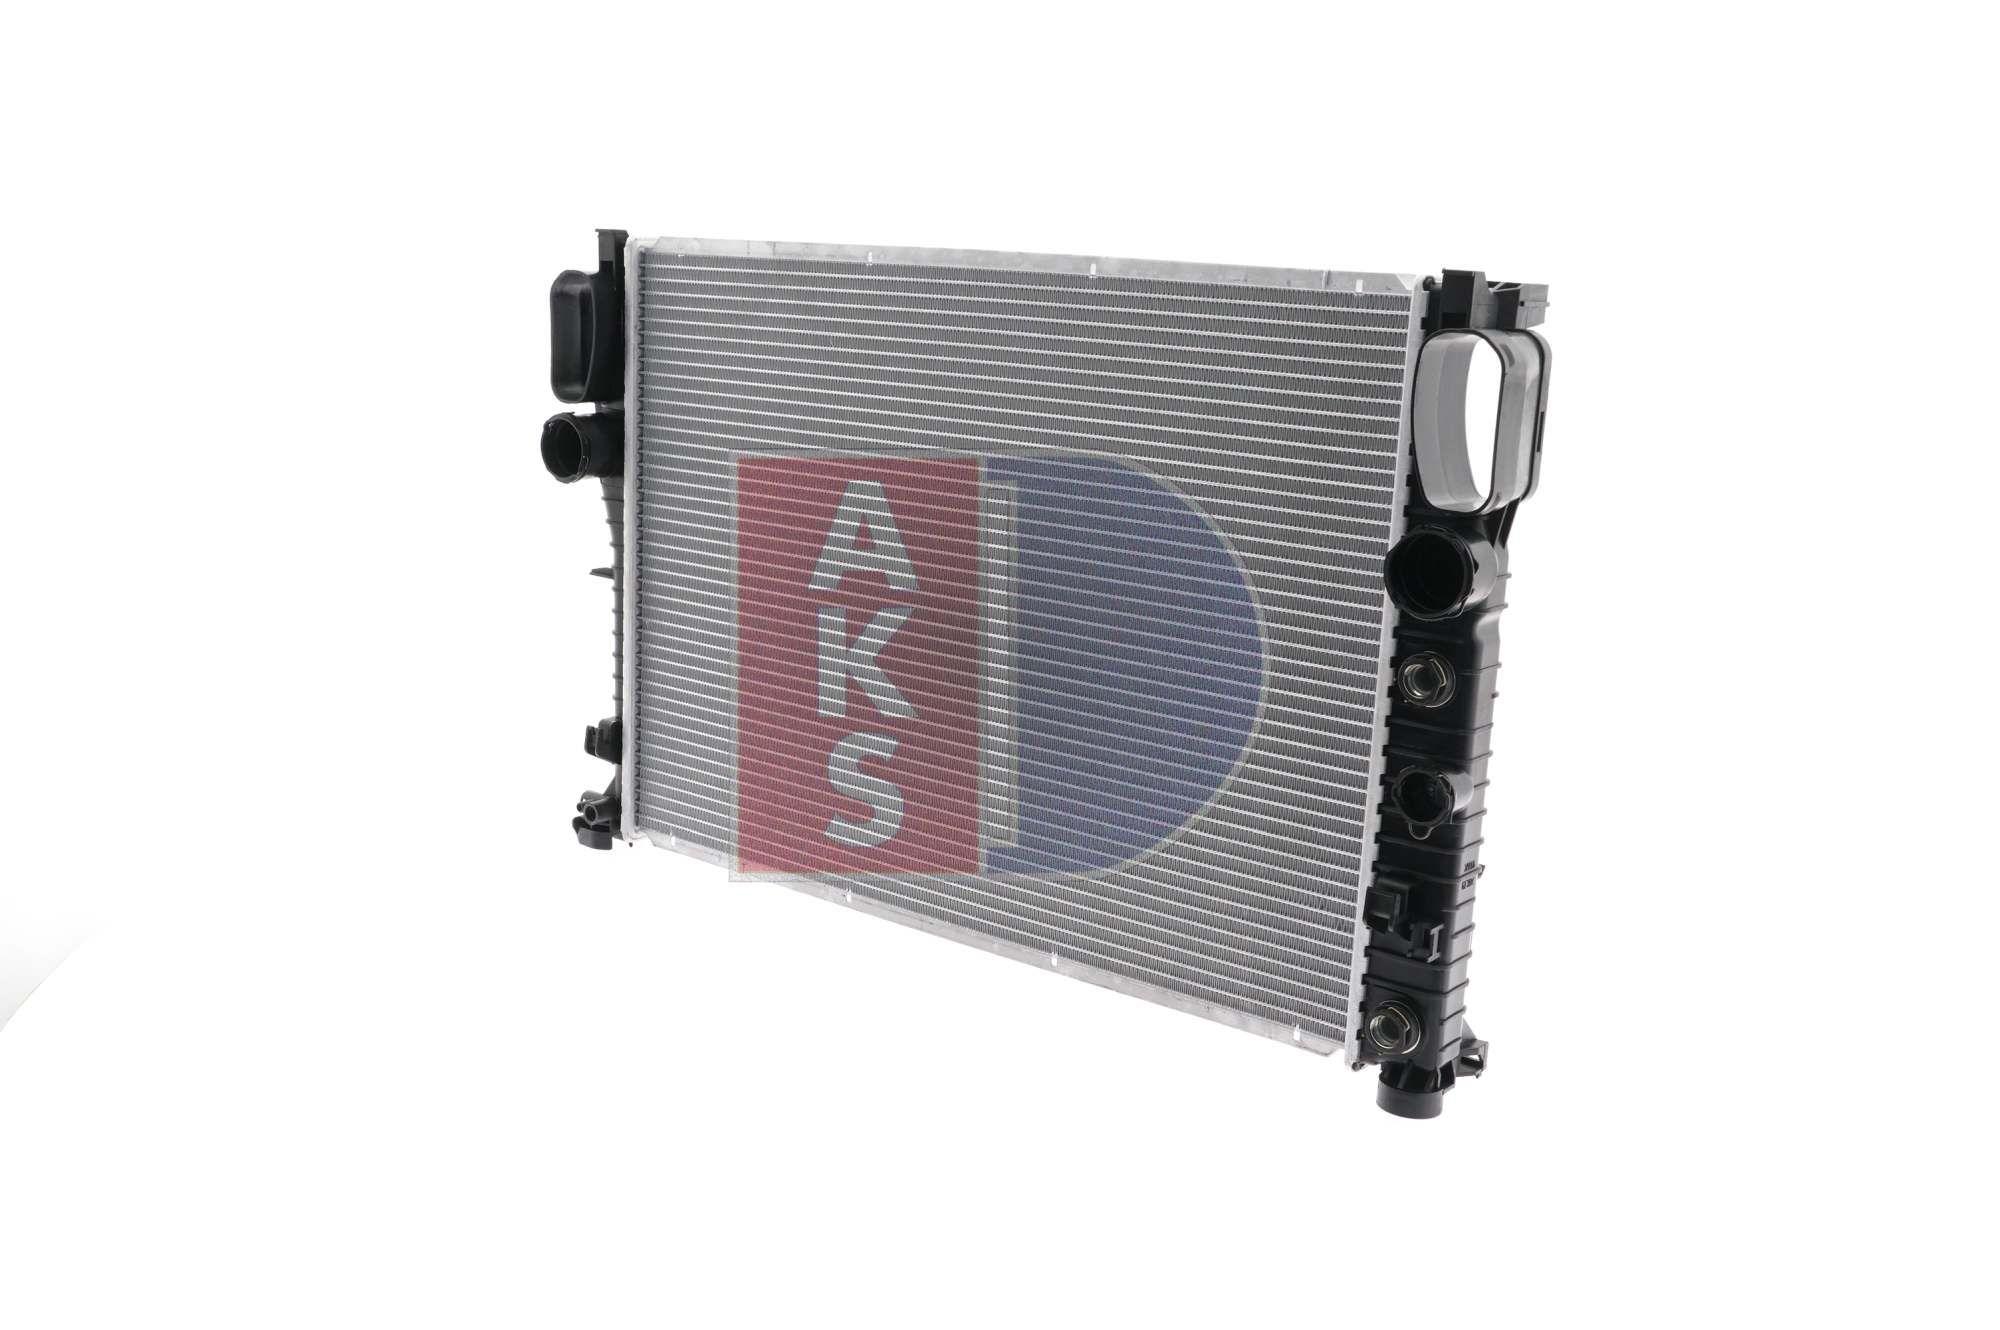 Kühler, Motorkühlung AKS DASIS 120009N Bewertungen